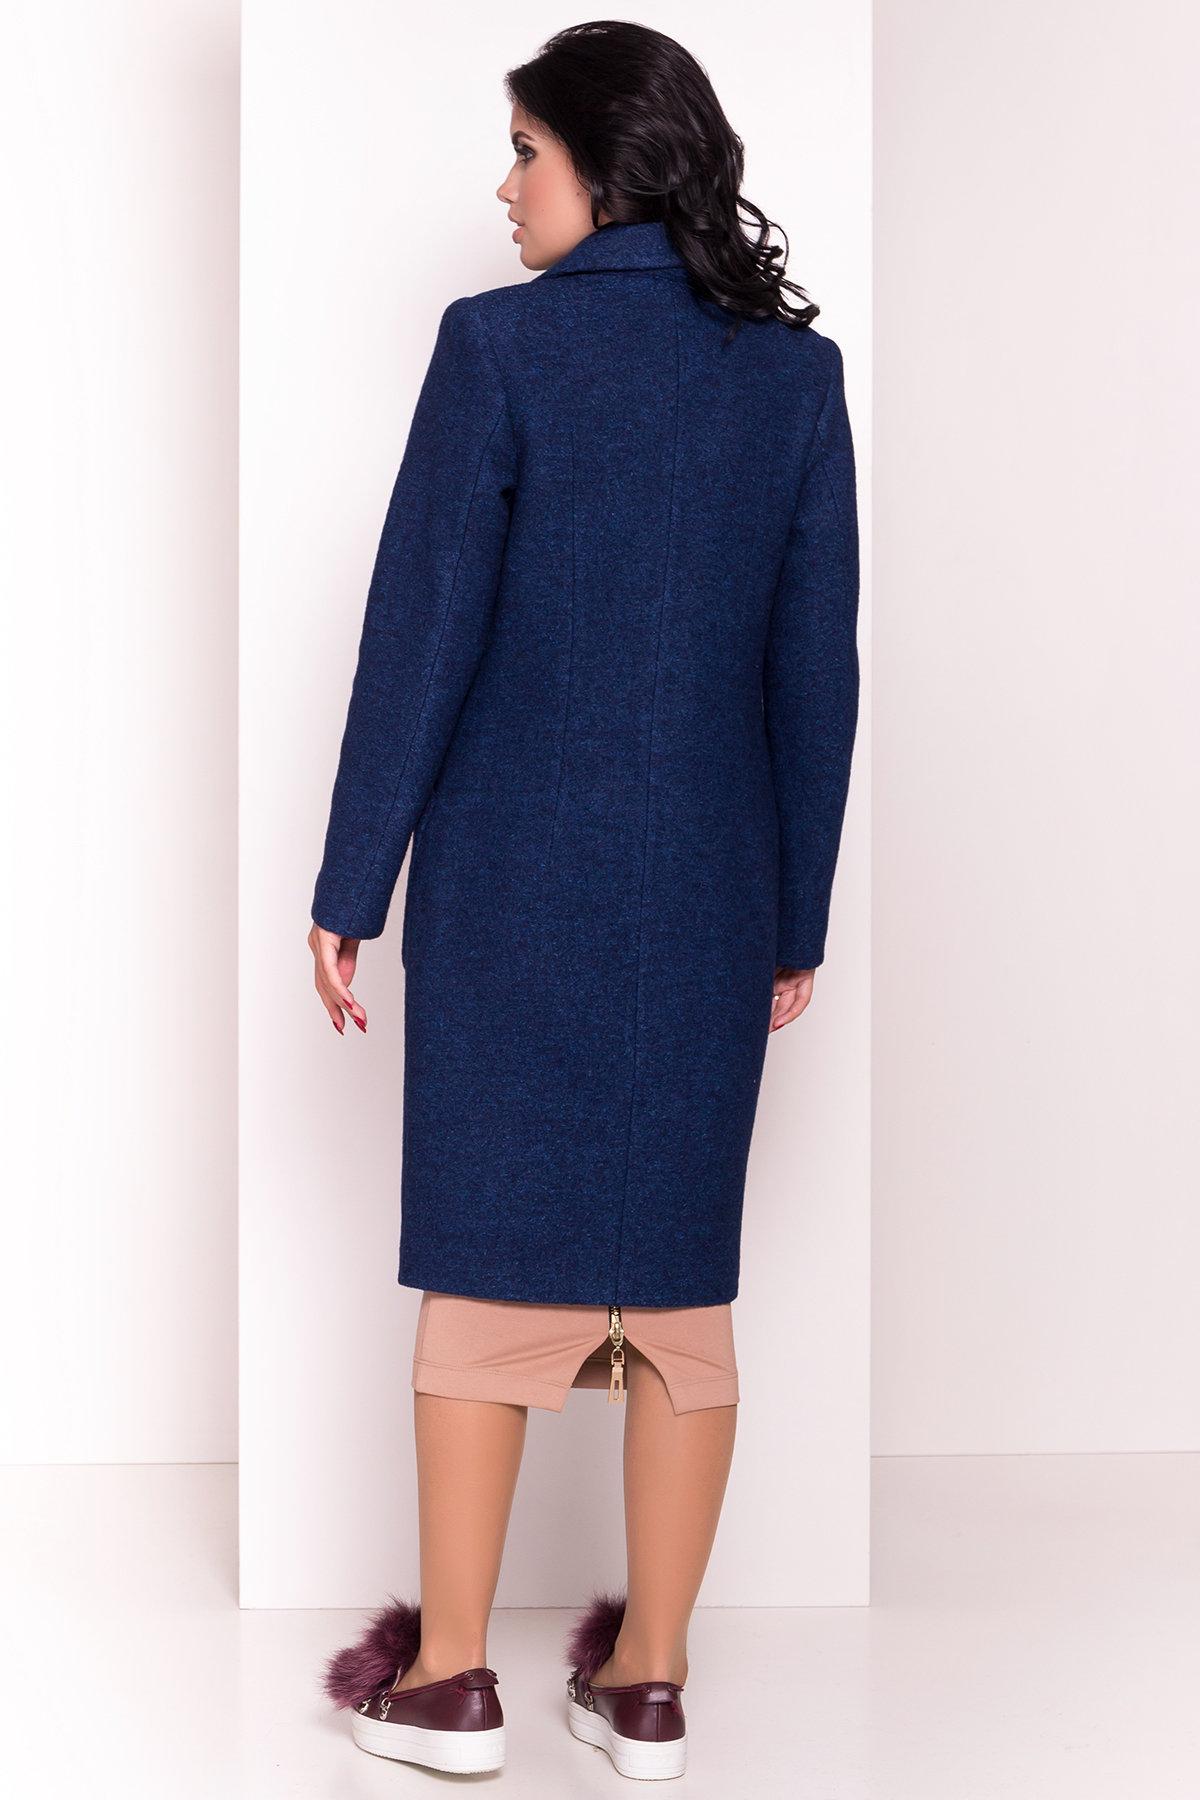 Пальто Габриэлла 4546 Цвет: Темно-синий/электрик-LW27